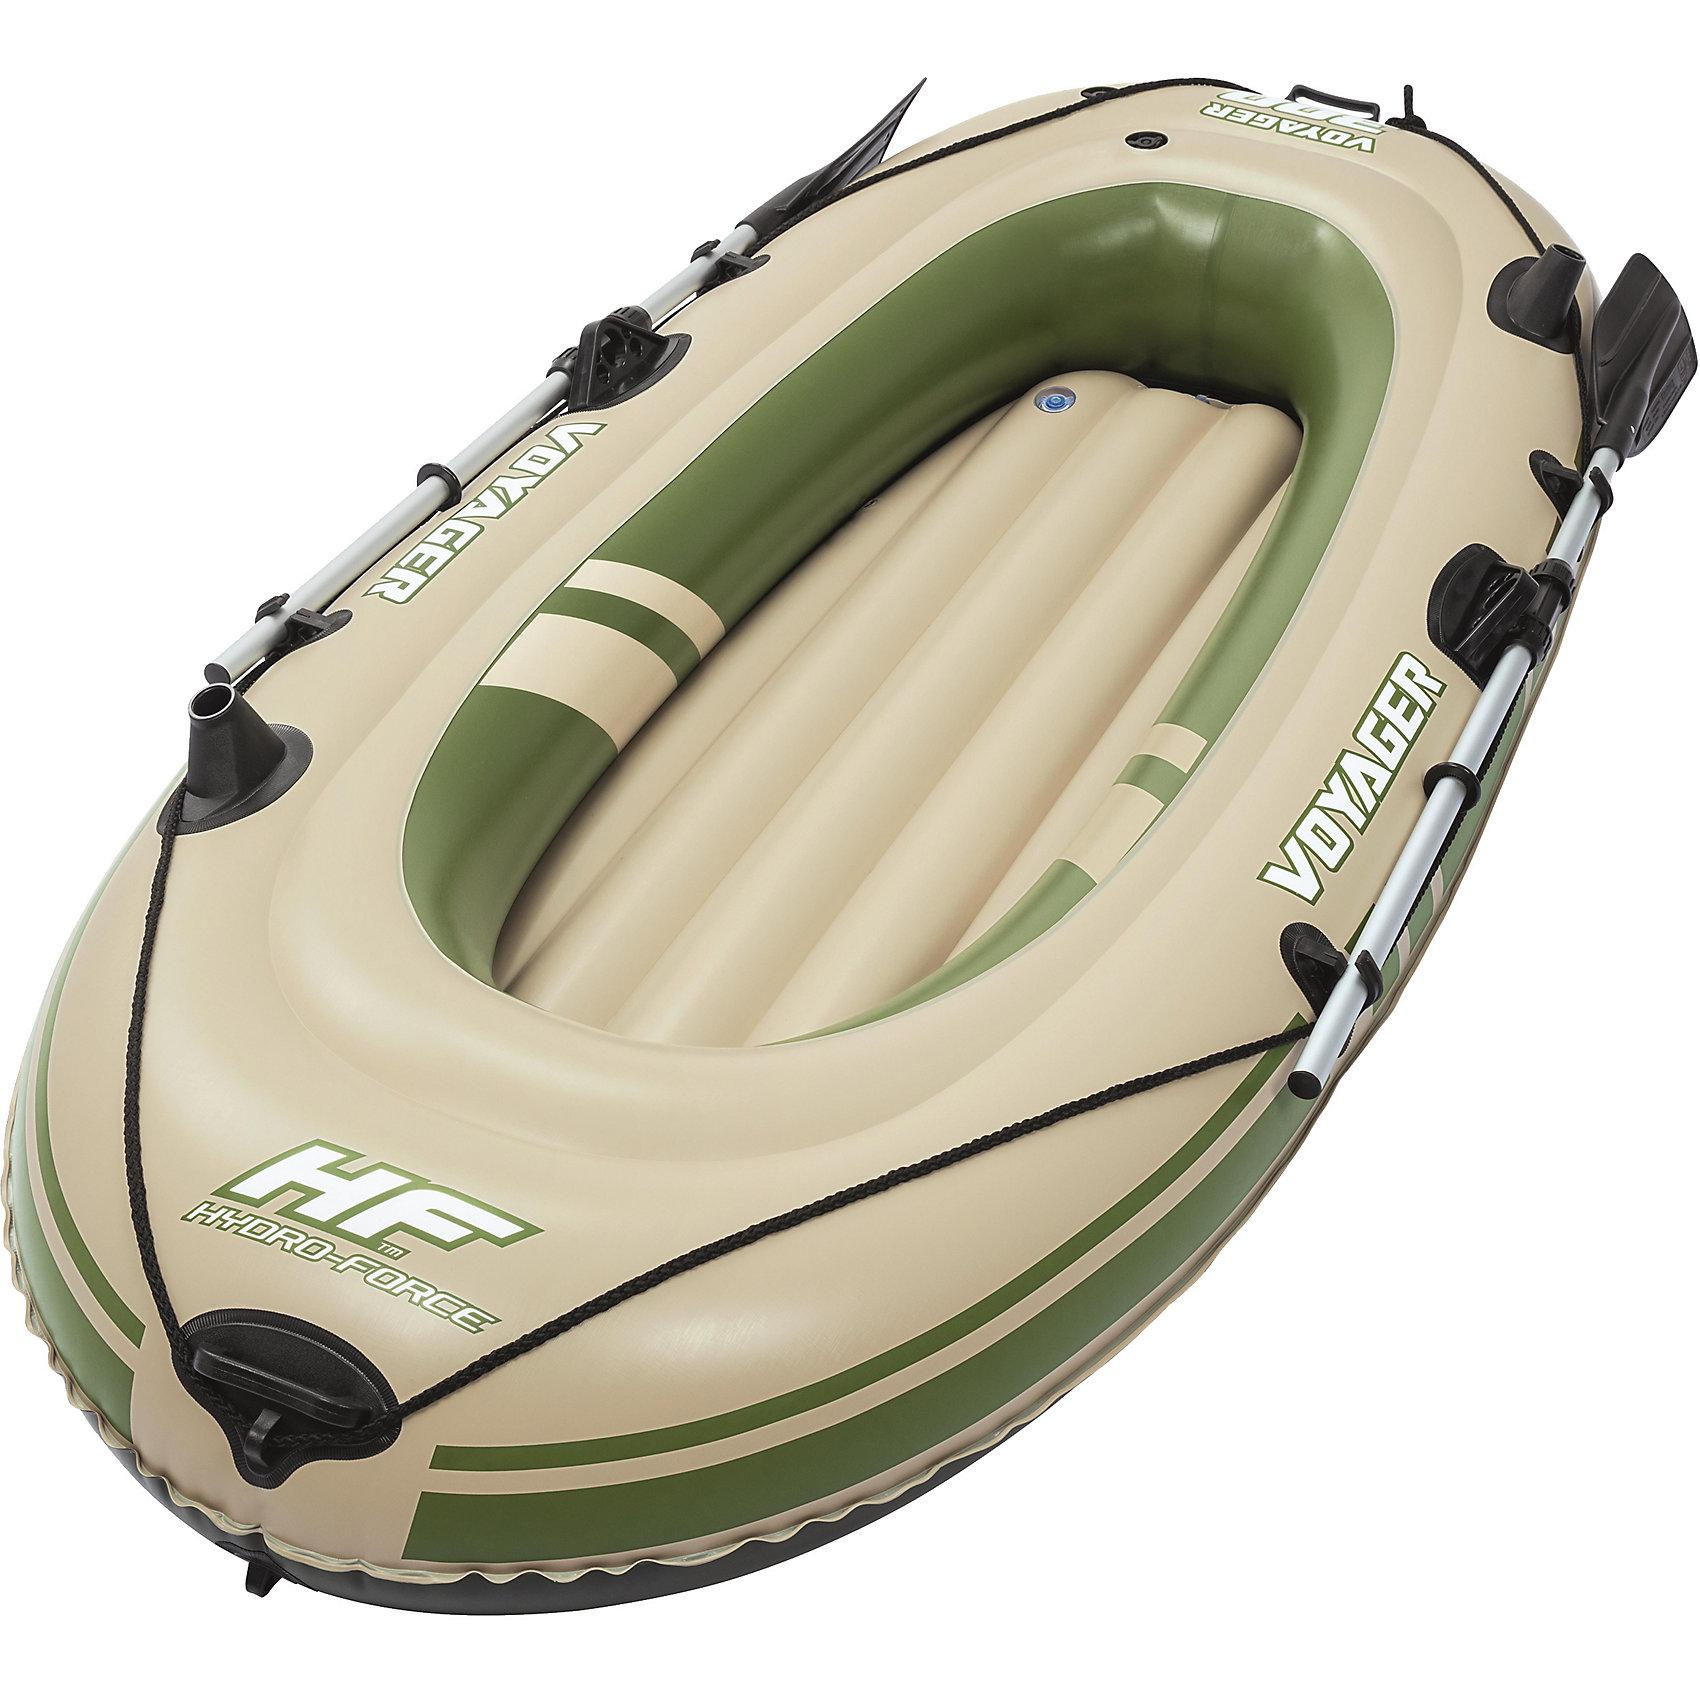 Надувная лодка Voyager 300 с веслами,  BestwayМатрасы и лодки<br>Характеристики товара:<br><br>• материал: винил<br>• размер: 228х121 см<br>• комплектация: лодка, разборные весла длиной 124 см<br>• максимальная нагрузка: 190 кг<br>• легкий прочный материал<br>• надувная<br>• безопасные клапаны<br>• прочный испытанный винил<br>• трехкамерная конструкция<br>• веревка по периметру лодки<br>• надувной пол I-Beam для комфорта и устойчивости<br>• встроенные ручки по бокам лодки<br>• крепкие уключины для весел<br>• крепление для фиксации весел<br>• буксировочное кольцо<br>• быстрое надутие/сдутие благодаря скручивающимся клапанам<br>• встроенный держатель удочки<br>• страна бренда: США, Китай<br>• страна производства: Китай<br><br>Надувная лодка должна быть удобной и надежной. Именно такая эта модель. В ней предусмотрено множество мелочей для комфортного отдыха на воде или рыбалки. Лодка вместительная дополнена двумя легкими веслами - с помощью ней можно отлично провести время на водоеме!<br><br>Предмет сделан из прочного материала, но очень легкого - отлично держится на воде. Лодка легкая, её удобно брать с собой. Изделие произведено из качественных и безопасных для детей материалов.<br><br>Надувную лодку Voyager 300 с веслами от бренда Bestway (Бествей) можно купить в нашем интернет-магазине.<br><br>Ширина мм: 300<br>Глубина мм: 160<br>Высота мм: 700<br>Вес г: 6542<br>Возраст от месяцев: 12<br>Возраст до месяцев: 1188<br>Пол: Унисекс<br>Возраст: Детский<br>SKU: 4051681